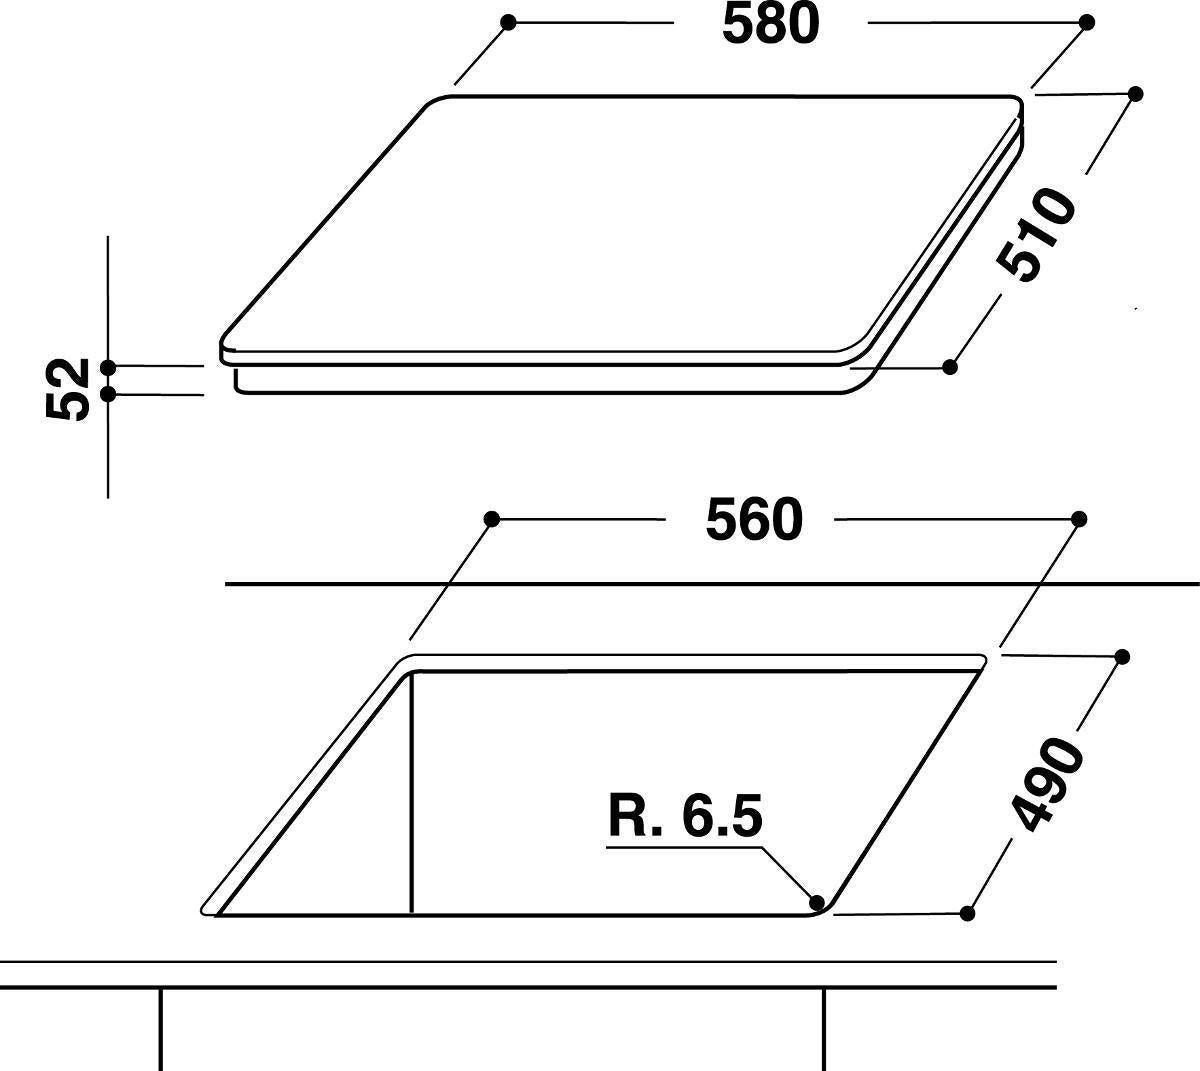 Piano cottura induzione 56 cm INDESIT VIA 640.1 C - 3